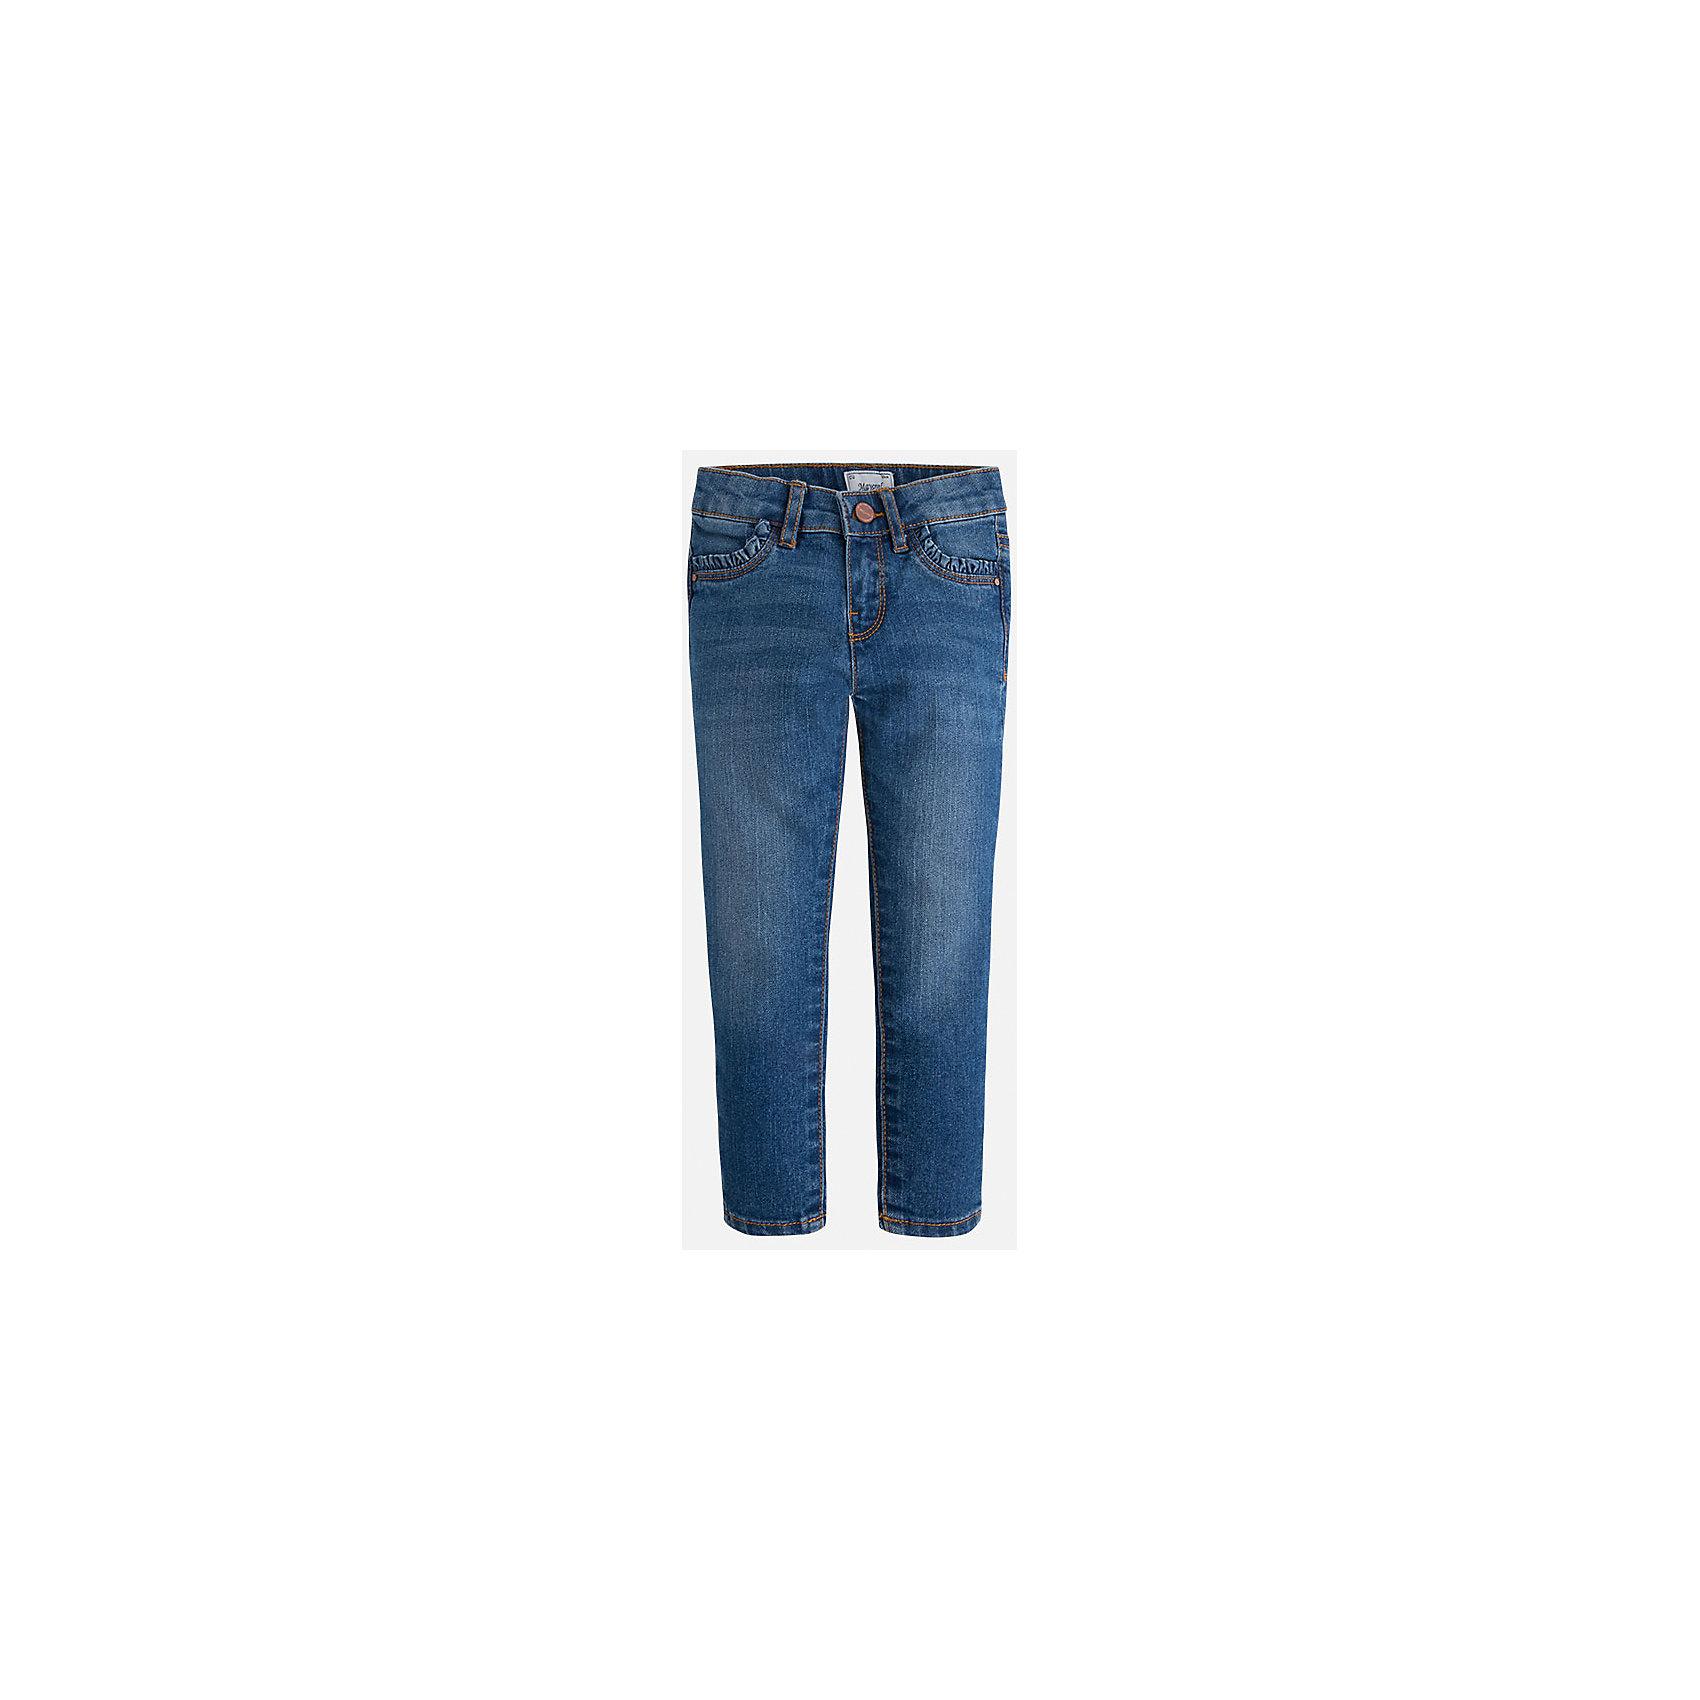 Джинсы для девочки MayoralДжинсы<br>Брюки темно-серого цвета торговой марки  Майорал-Mayoral  для девочек.<br>Стильные брюки, выполненные из чистого хлопка, украшены декоративными отворотами и шнурком. Модель дополнена прорезными боковыми карманами, а также широкой эластичной резинкой на поясе. Модель дополнит и подчеркнет повседневный образ ребенка.<br><br>Дополнительная информация:<br><br>- вид застежки: на молнии <br>- цвет: темно-синий<br>- фактура материала: текстильный<br>- покрой: прямой<br>- состав:100% хлопок<br>- уход за вещами: бережная стирка при 30 градусах<br>- рисунок: без рисунка<br>- назначение: повседневная<br>- сезон: круглогодичный<br>- пол: девочки<br>- страна бренда: Испания<br>- страна производитель:  Индия<br>- комплектация: брюки<br><br>Брюки  для девочки торгов ой марки    Майорал можно купить в нашем интернет магазине.<br><br>Ширина мм: 215<br>Глубина мм: 88<br>Высота мм: 191<br>Вес г: 336<br>Цвет: синий<br>Возраст от месяцев: 18<br>Возраст до месяцев: 24<br>Пол: Женский<br>Возраст: Детский<br>Размер: 92,110,128,134,98,104,122,116<br>SKU: 4845742